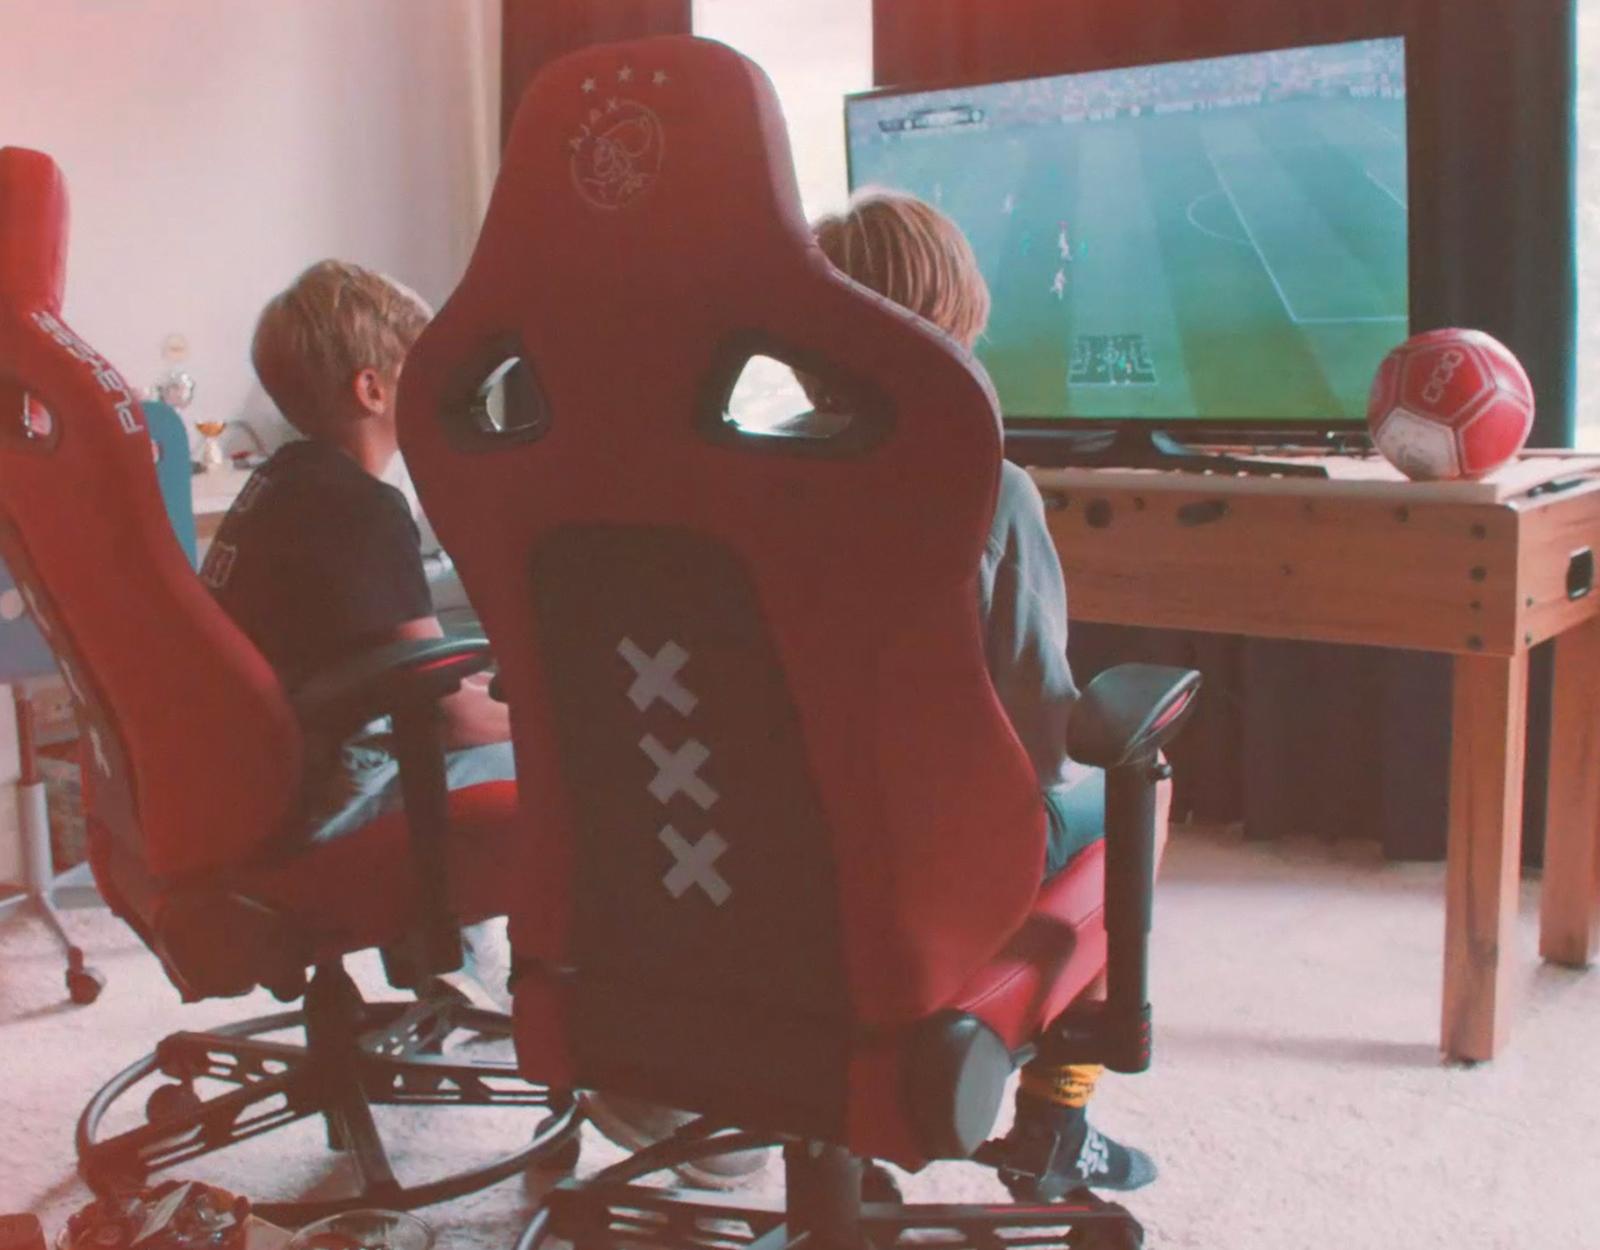 Ajax_Playseat_4